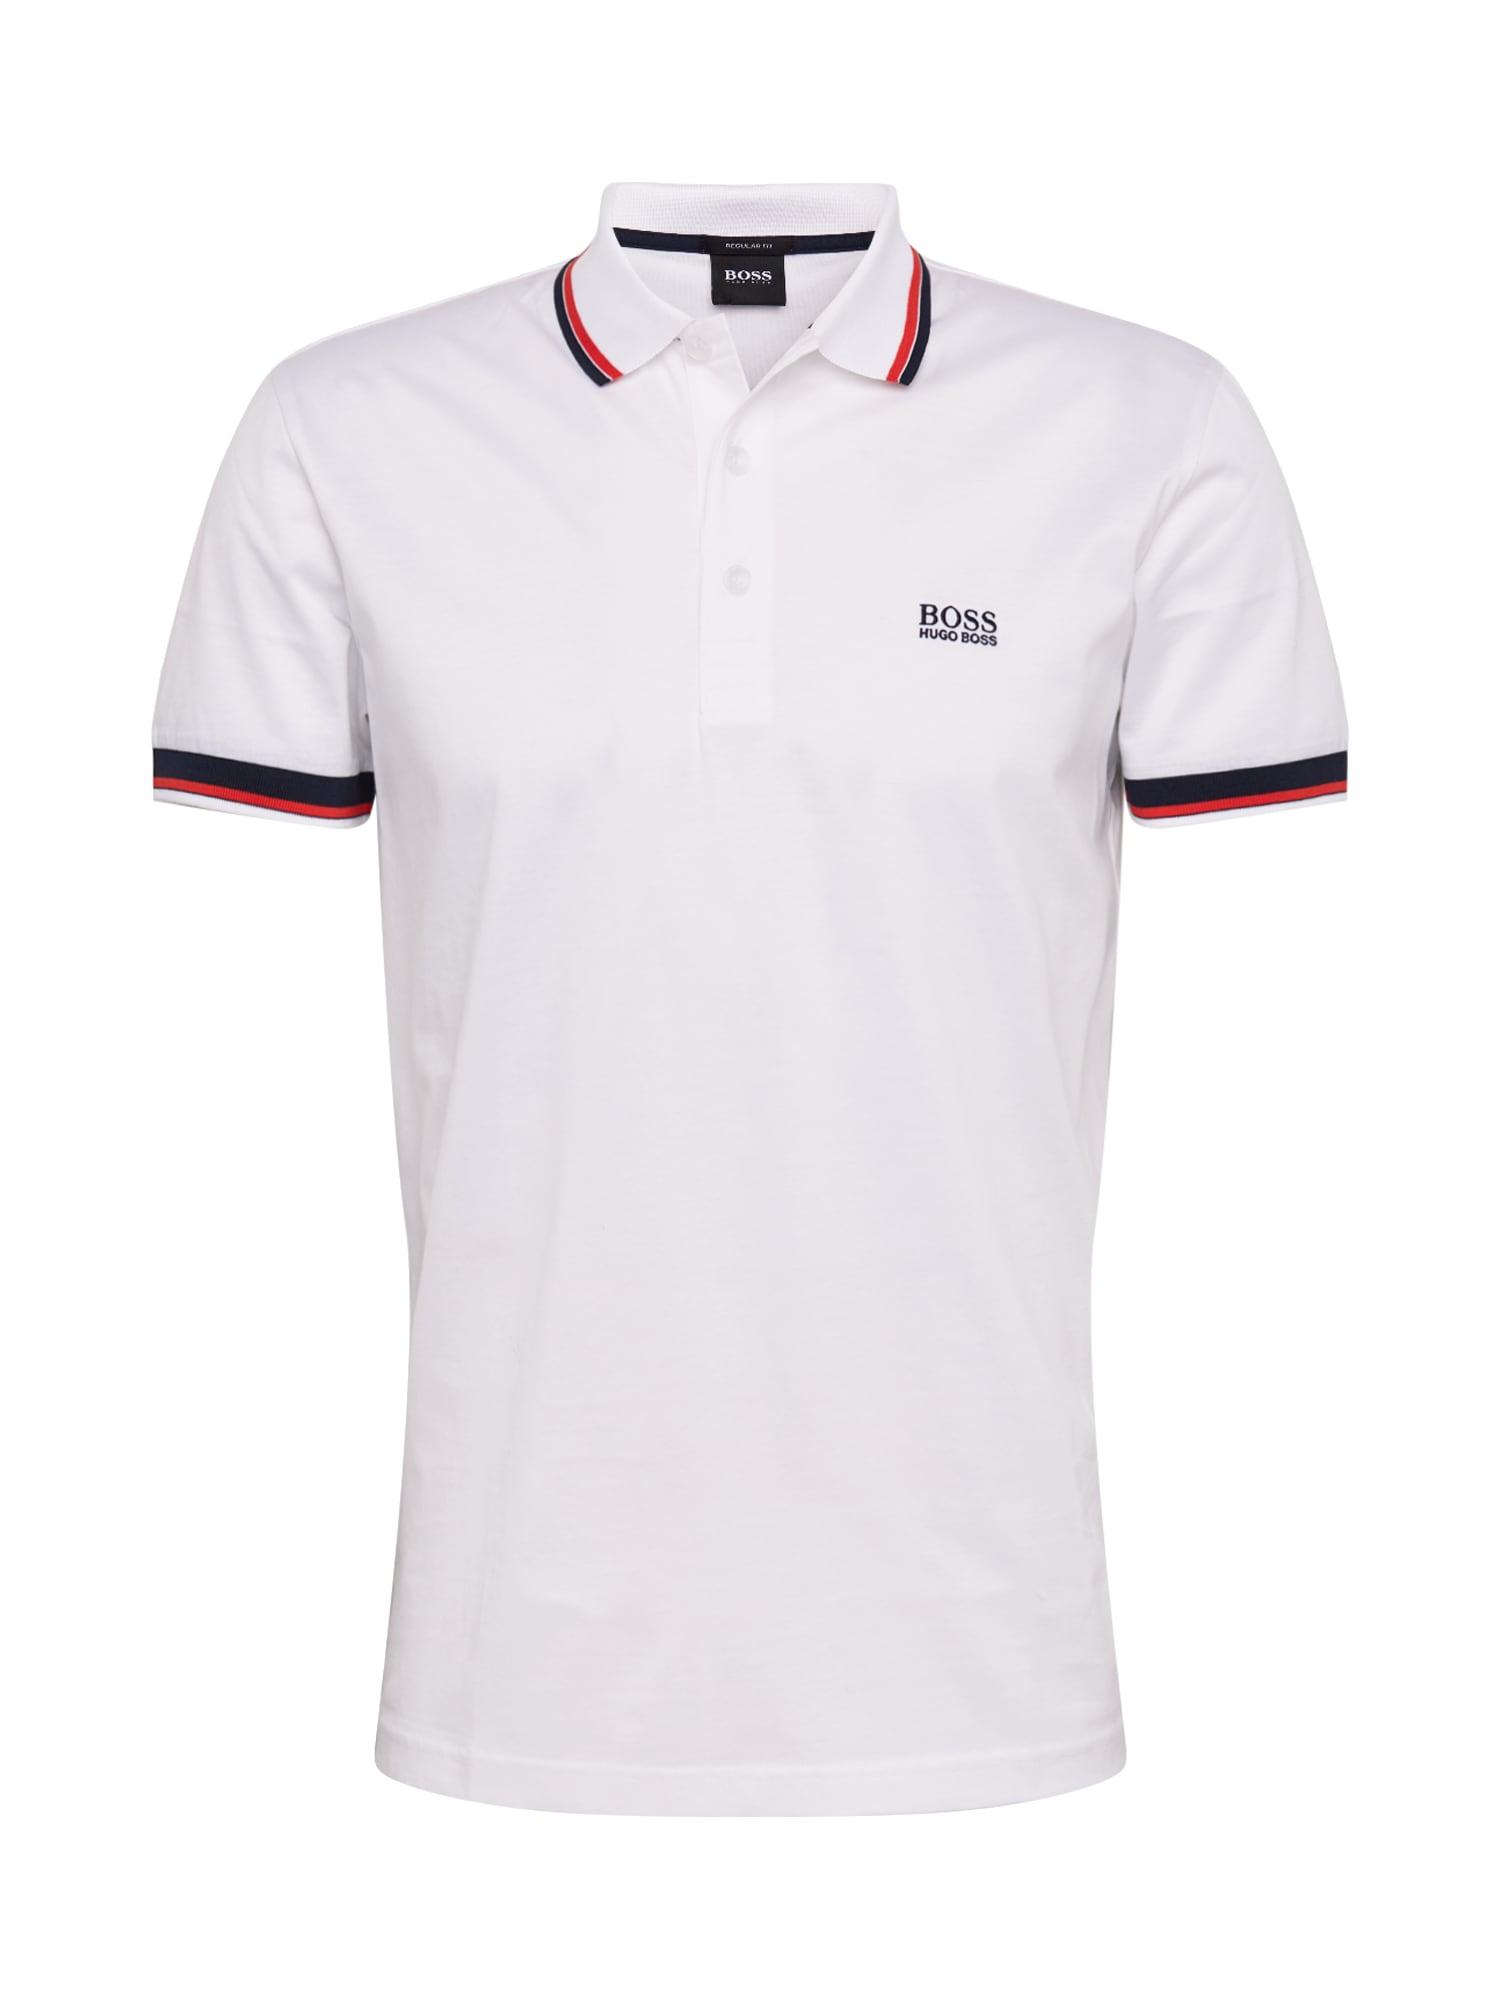 BOSS ATHLEISURE Marškinėliai 'Paddy AP' balta